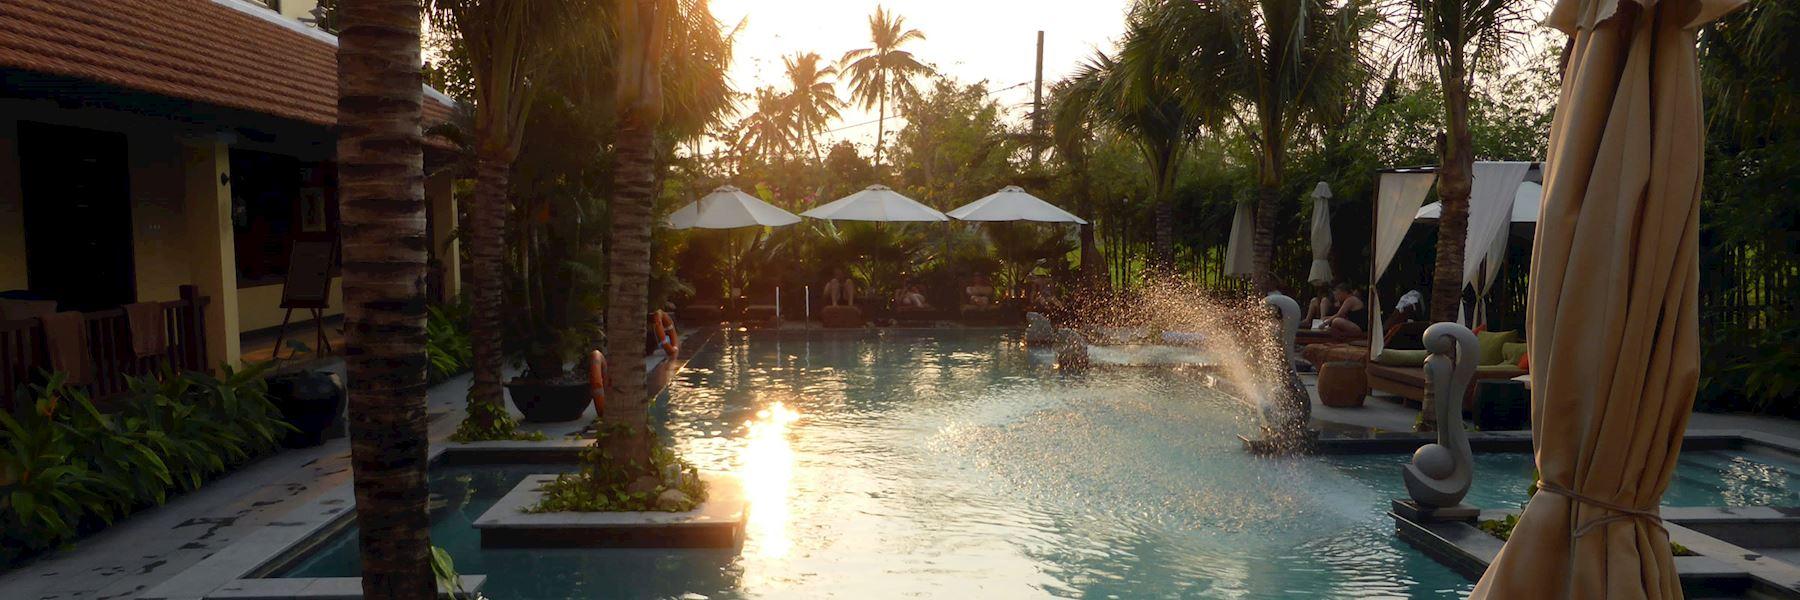 Hoi An Essence Hotel & Spa